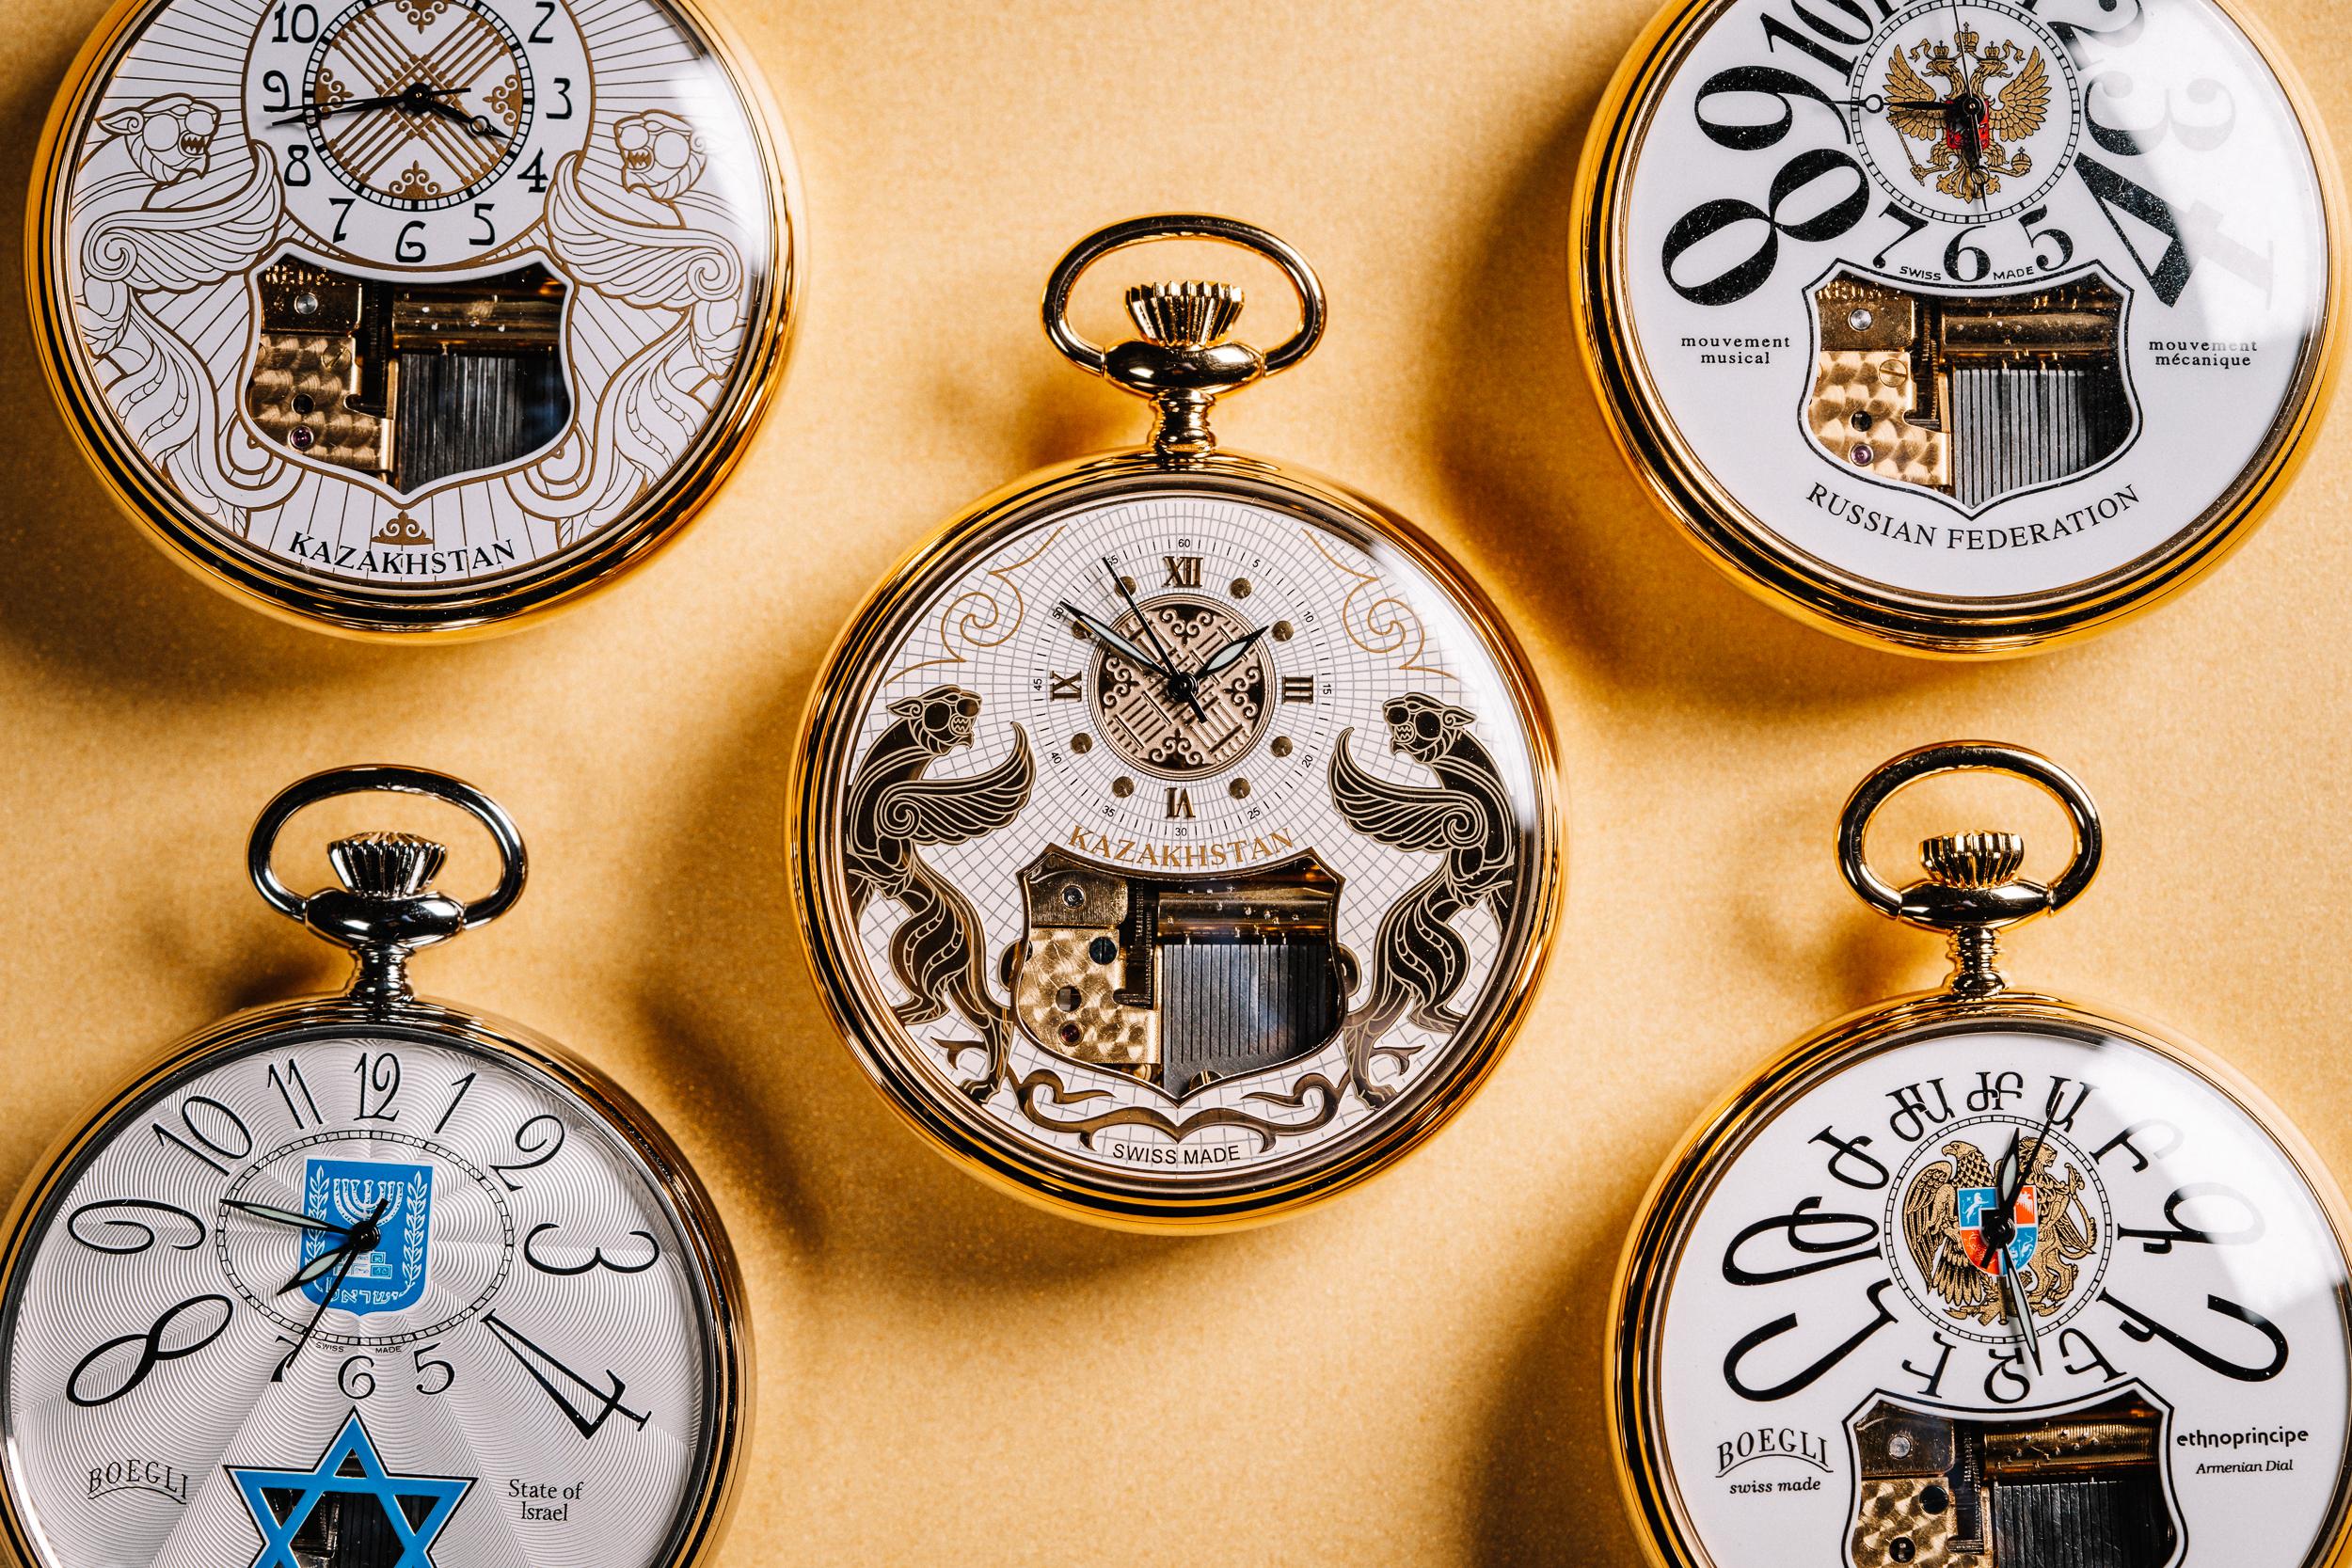 boegli2 226 - Music & Watches : In Conversation with Vitali Pavlov CEO Boegli Watches